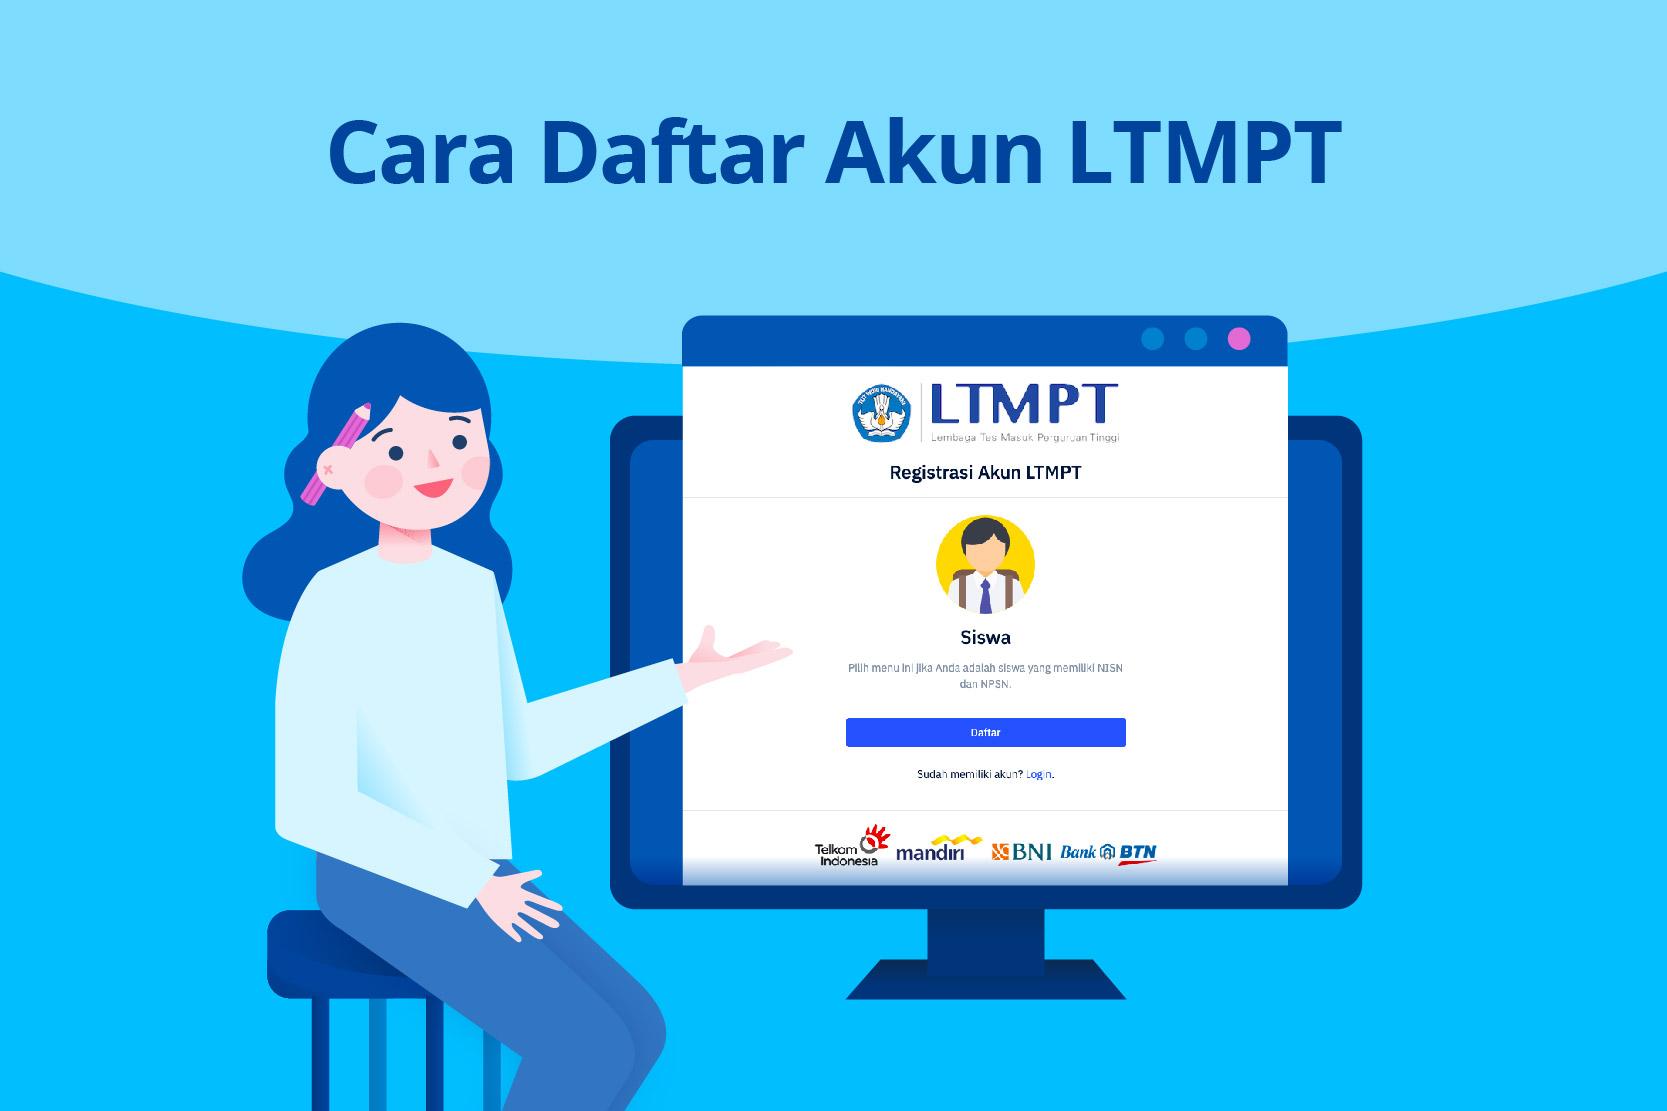 Cara Daftar Akun LTMPT